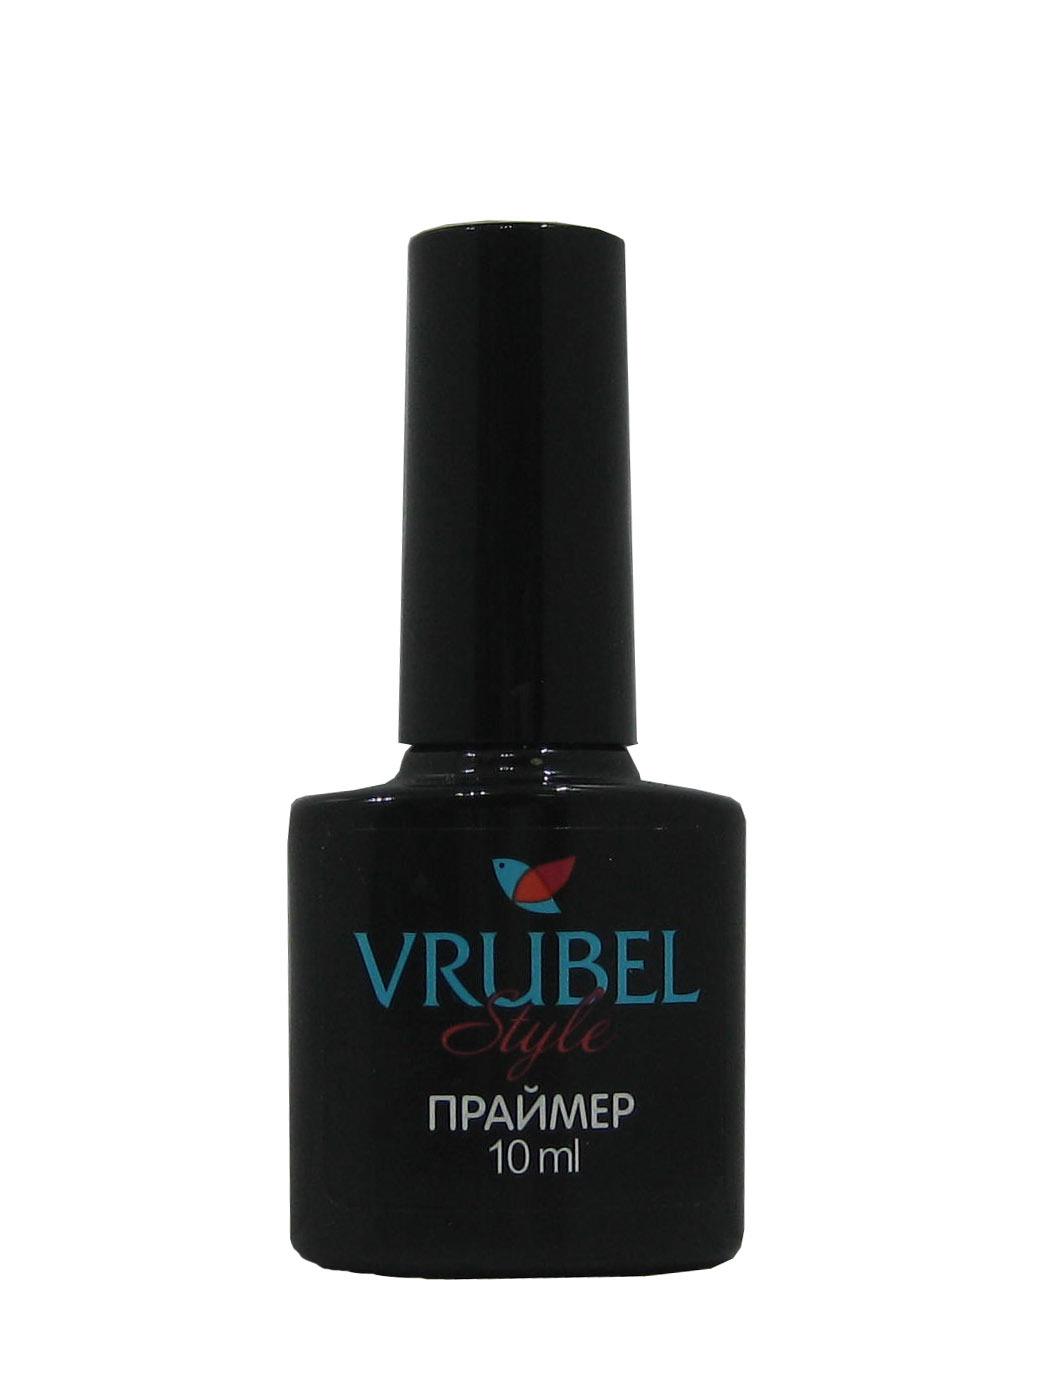 Праймер бескислотный Vrubel Style, 10 мл